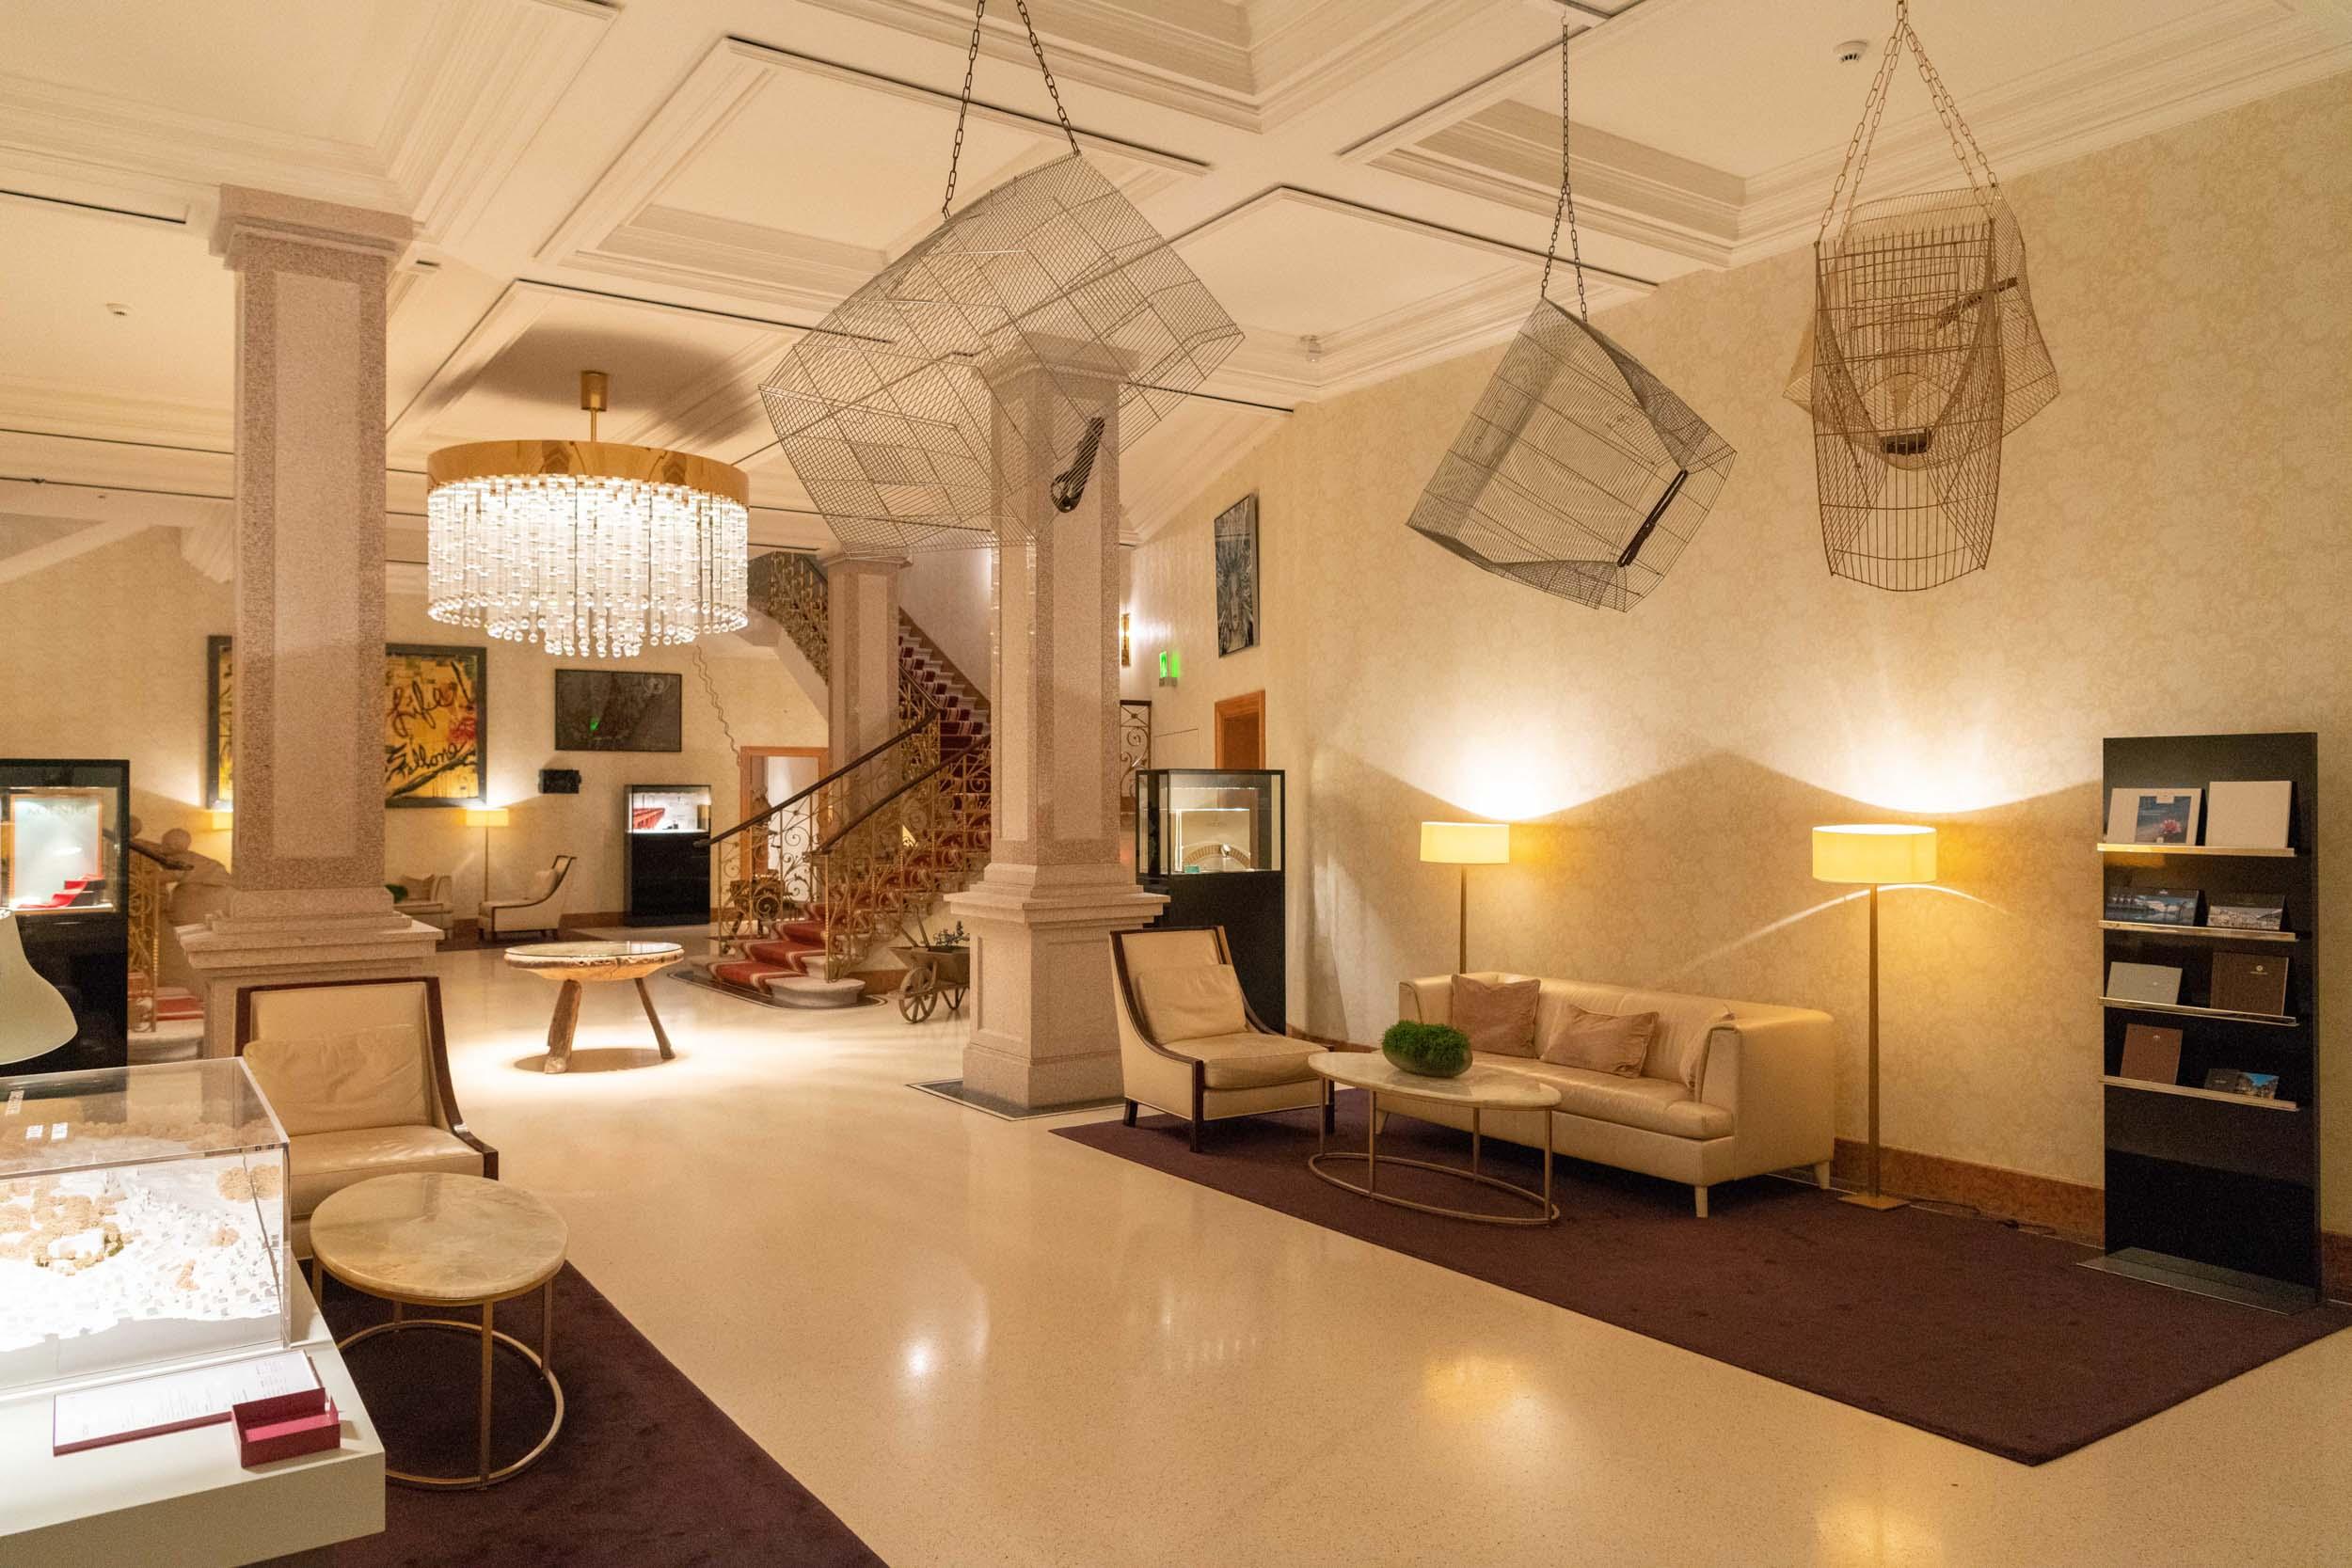 Grand Dodler Hôtel à Zurich